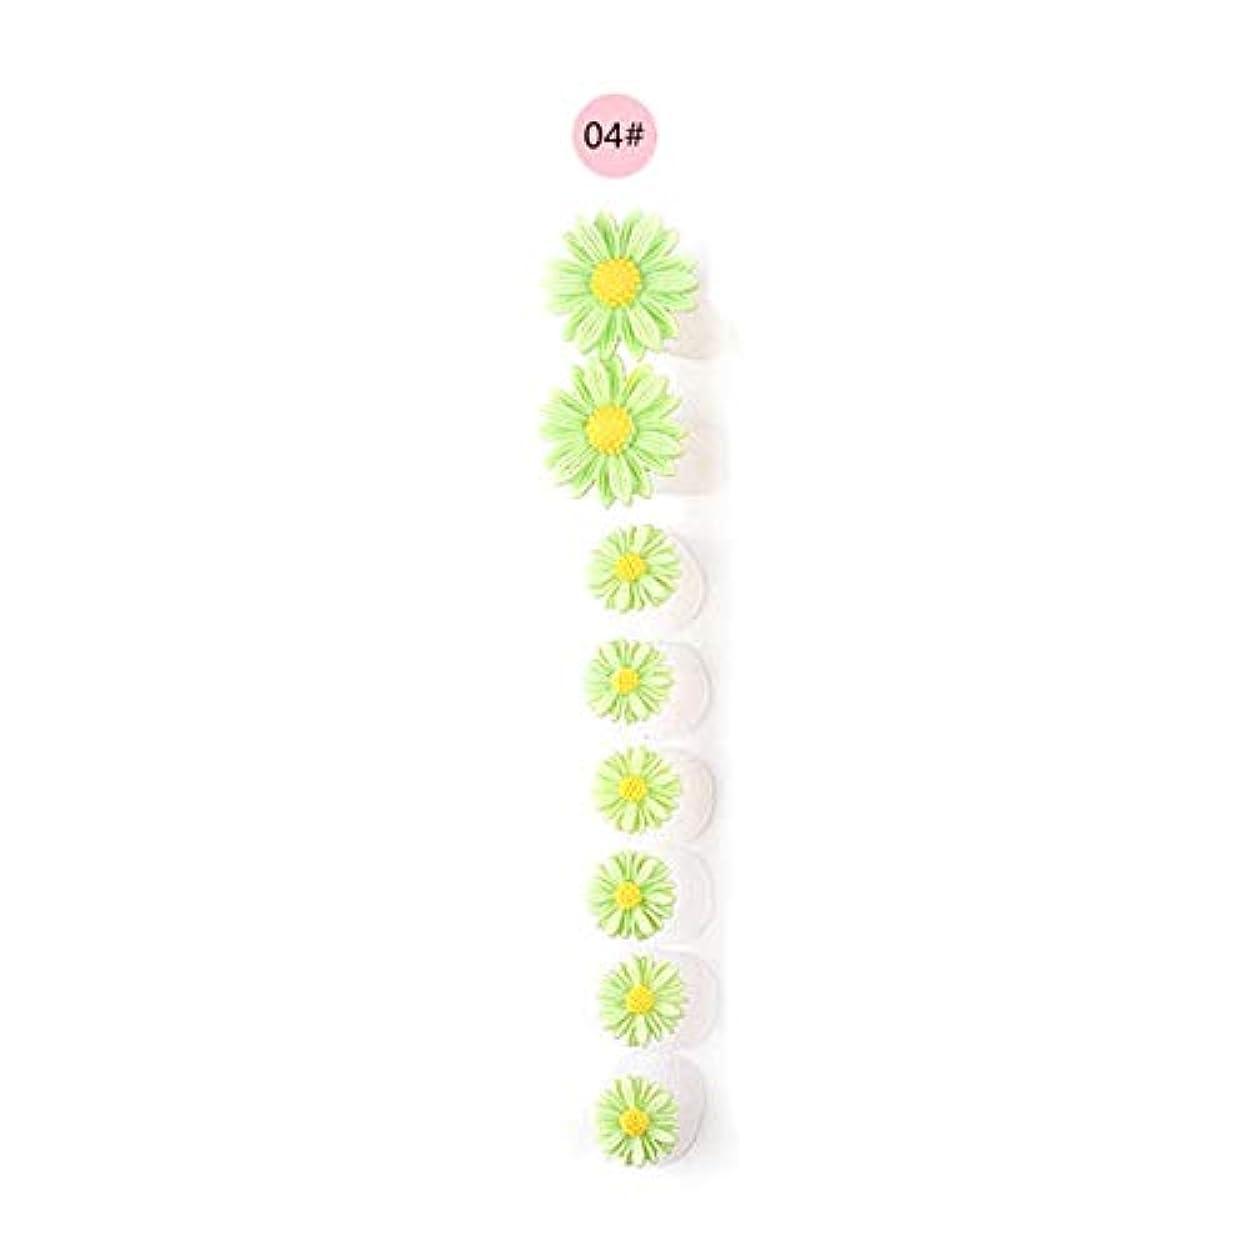 つぼみこれら死にかけている8ピース/セットシリコンつま先セパレーター足つま先スペーサー花形ペディキュアDIYネイルアートツール-カラフル04#